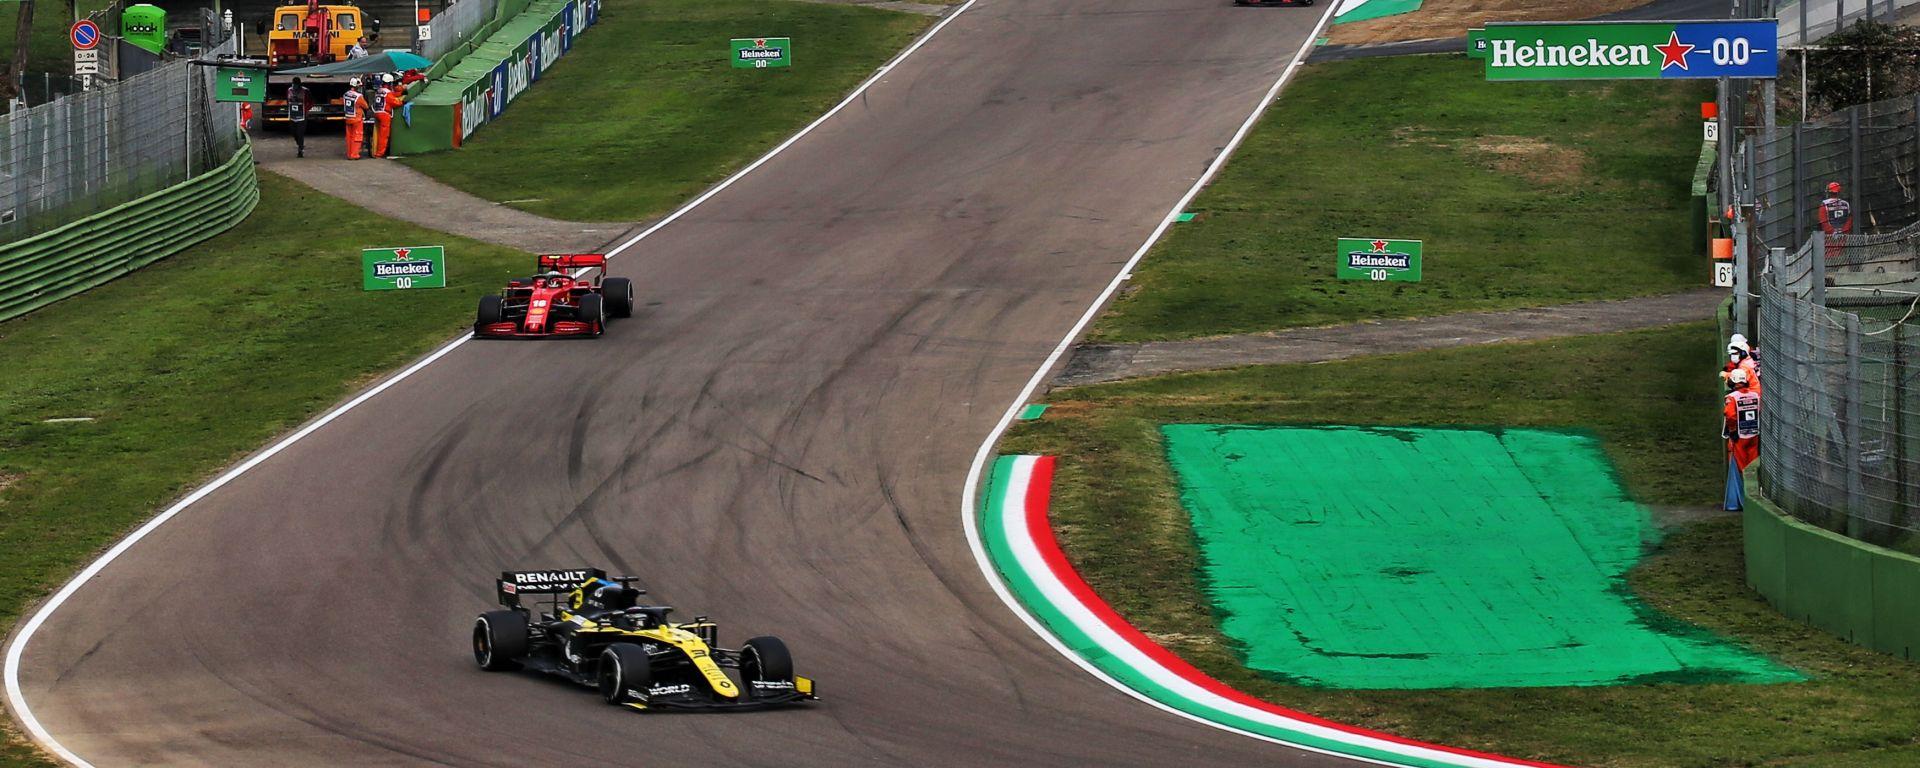 F1 GP Emilia Romagna 2020, Imola: Ricciardo (Renault) inseguito da Leclerc (Ferrari)